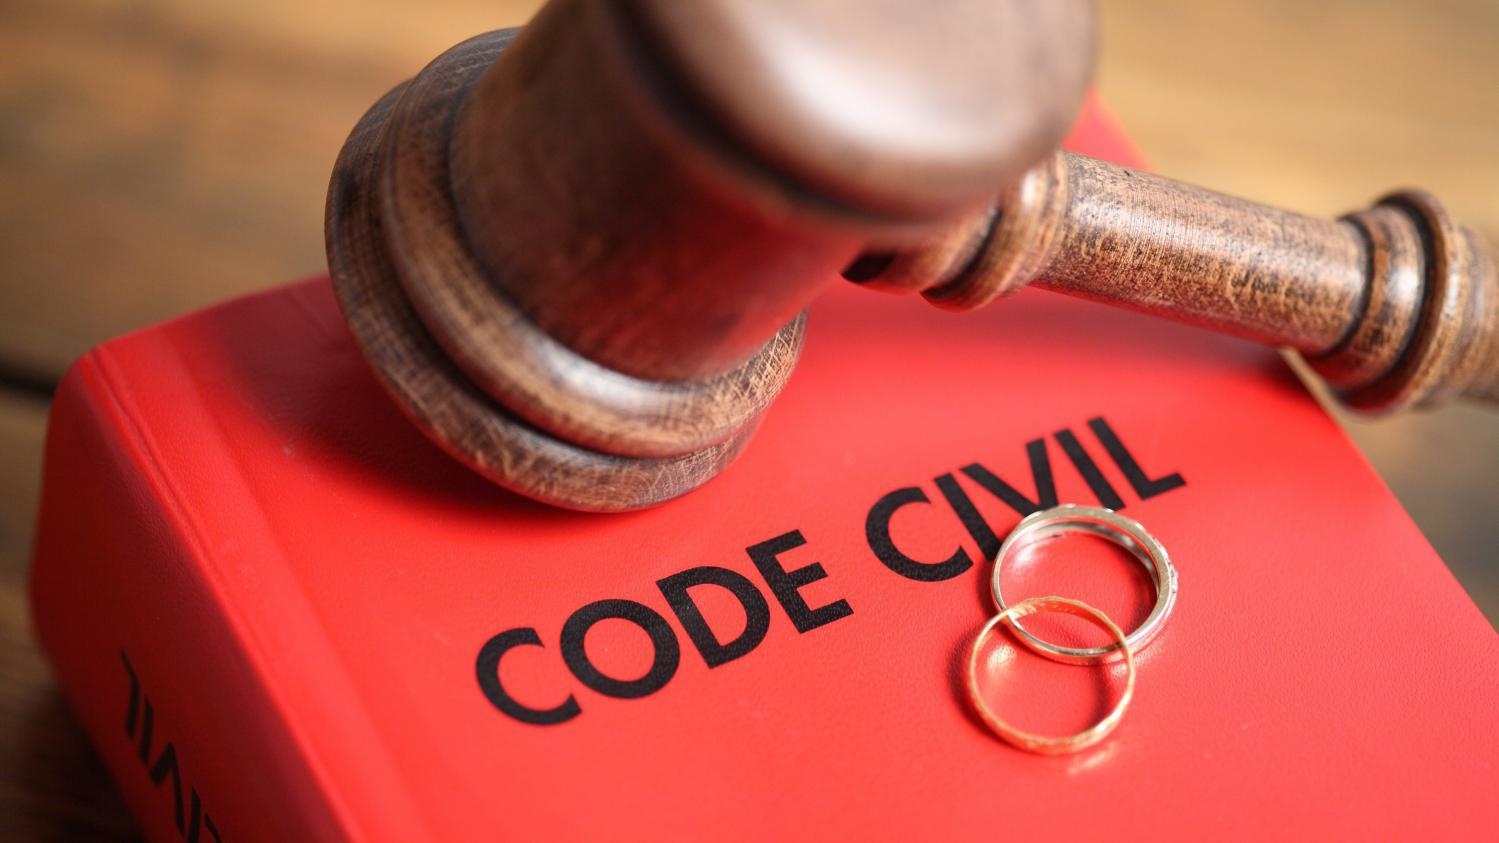 Demande de divorce, ce qu'il faut savoir pour divorcer